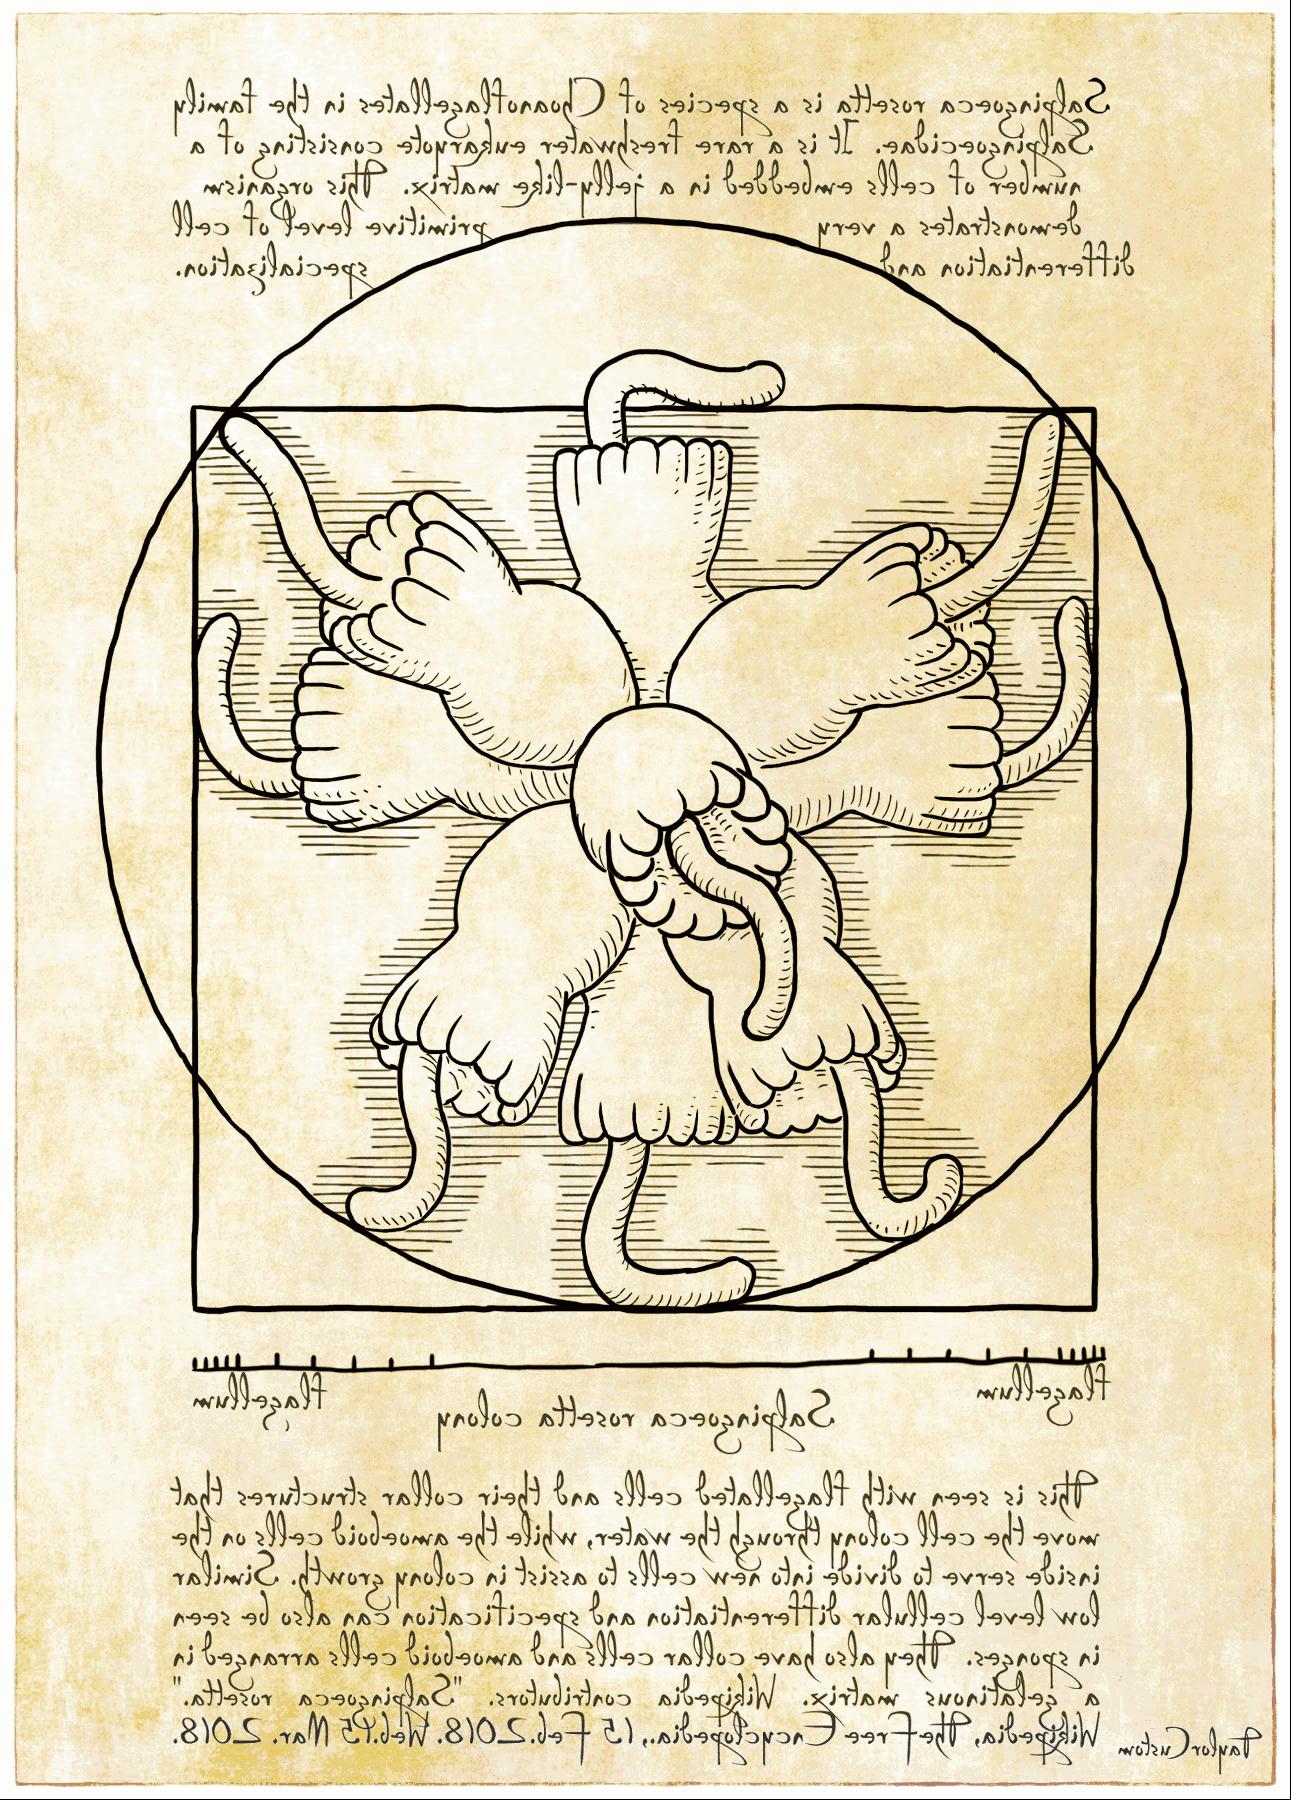 renniassance-rosette-v02